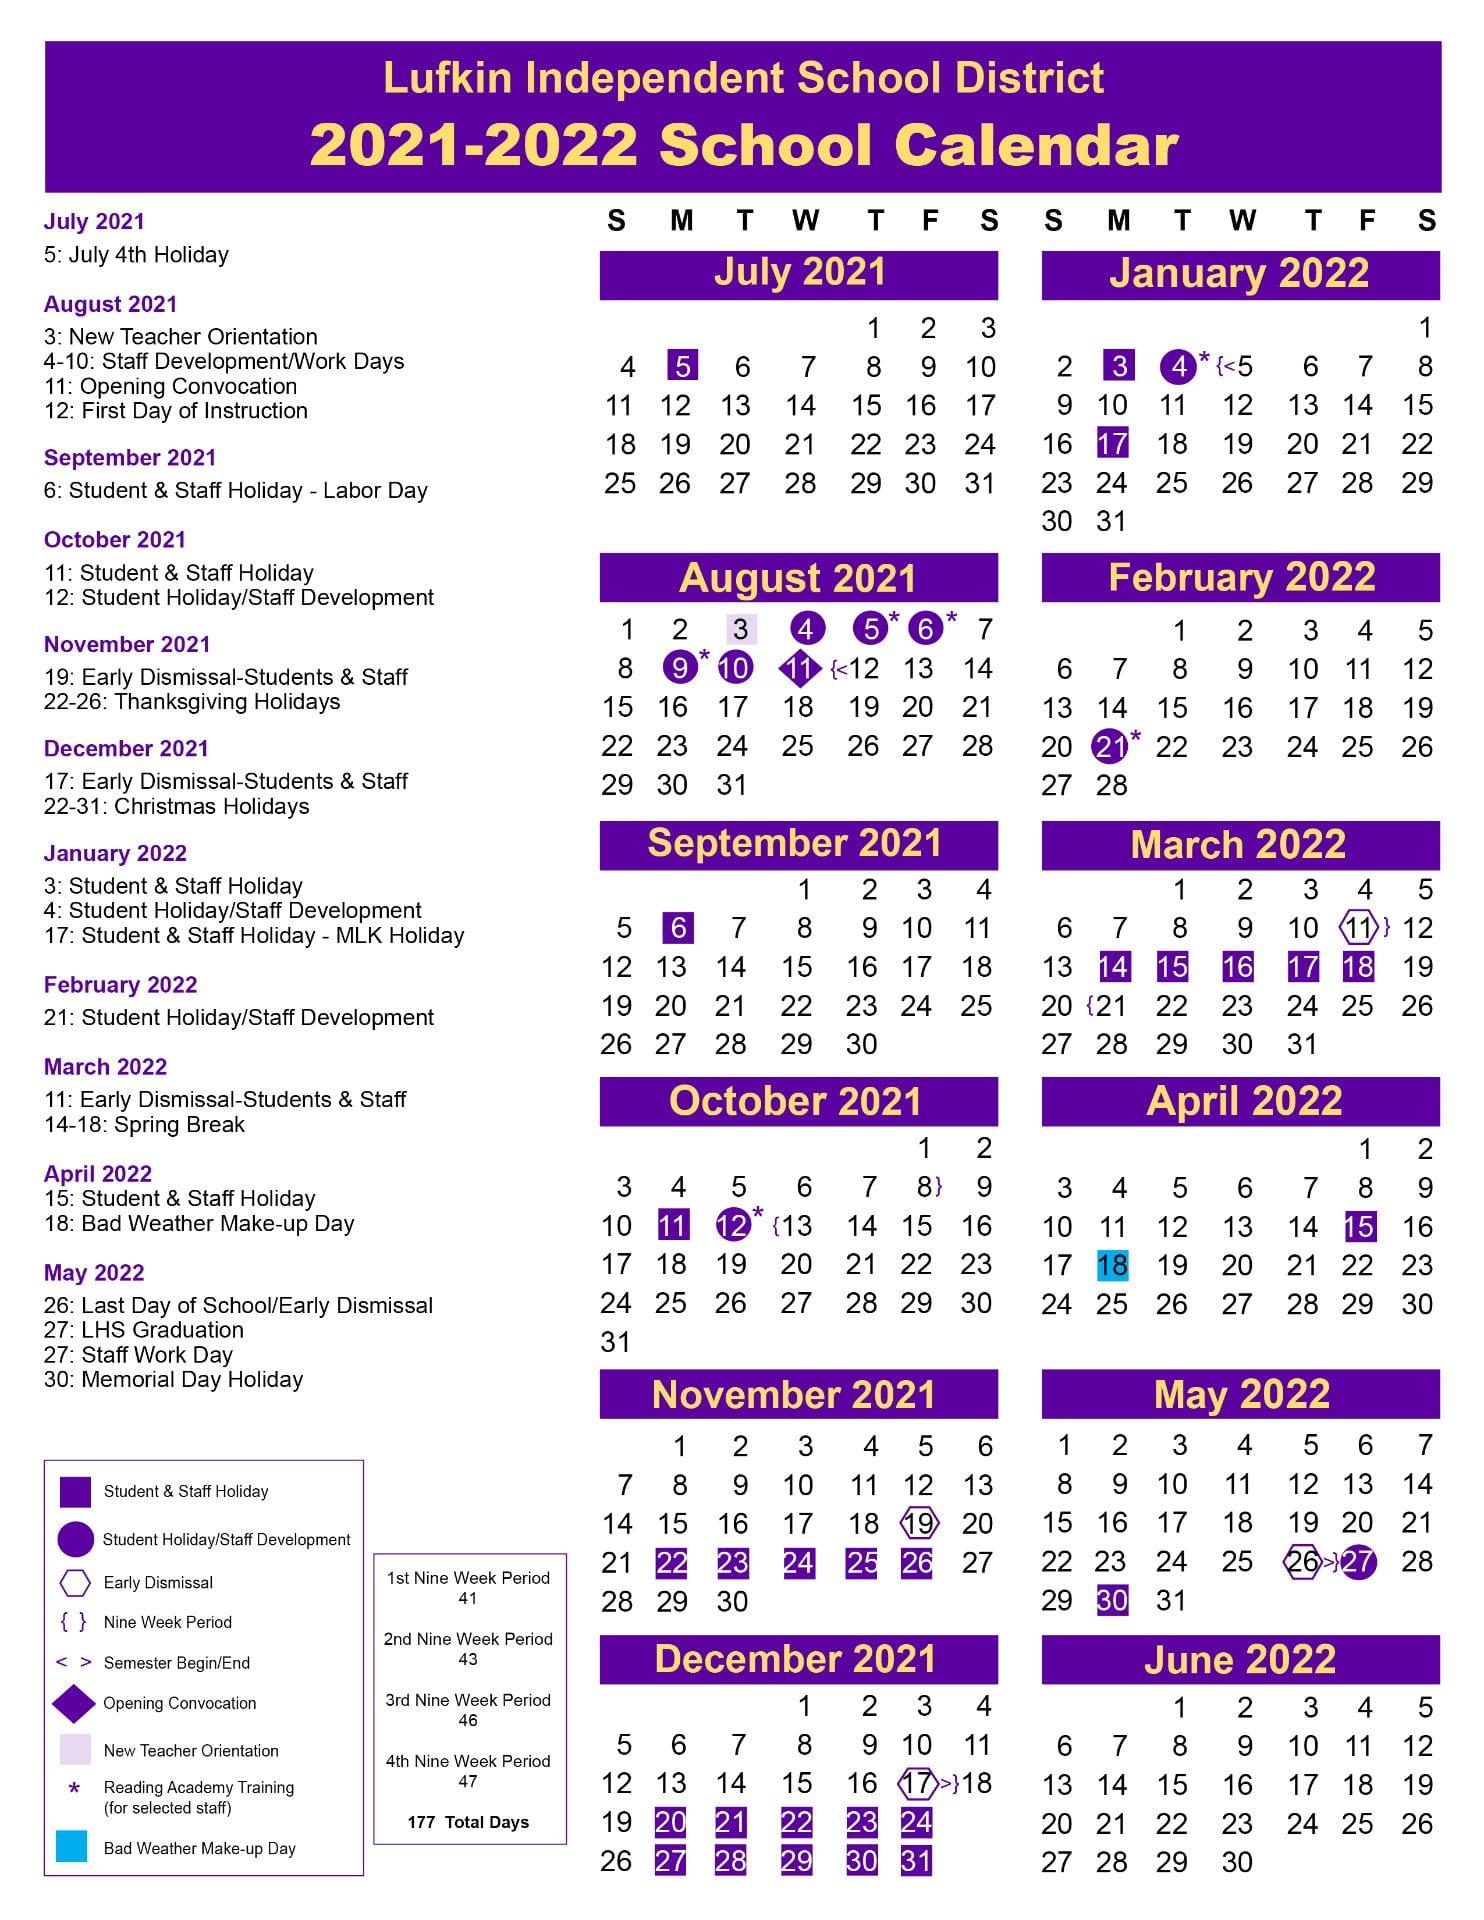 Lisd Calendar 2022.Lufkin Isd School Board Approves 2020 21 Academic School Calendar Lufkin Isd